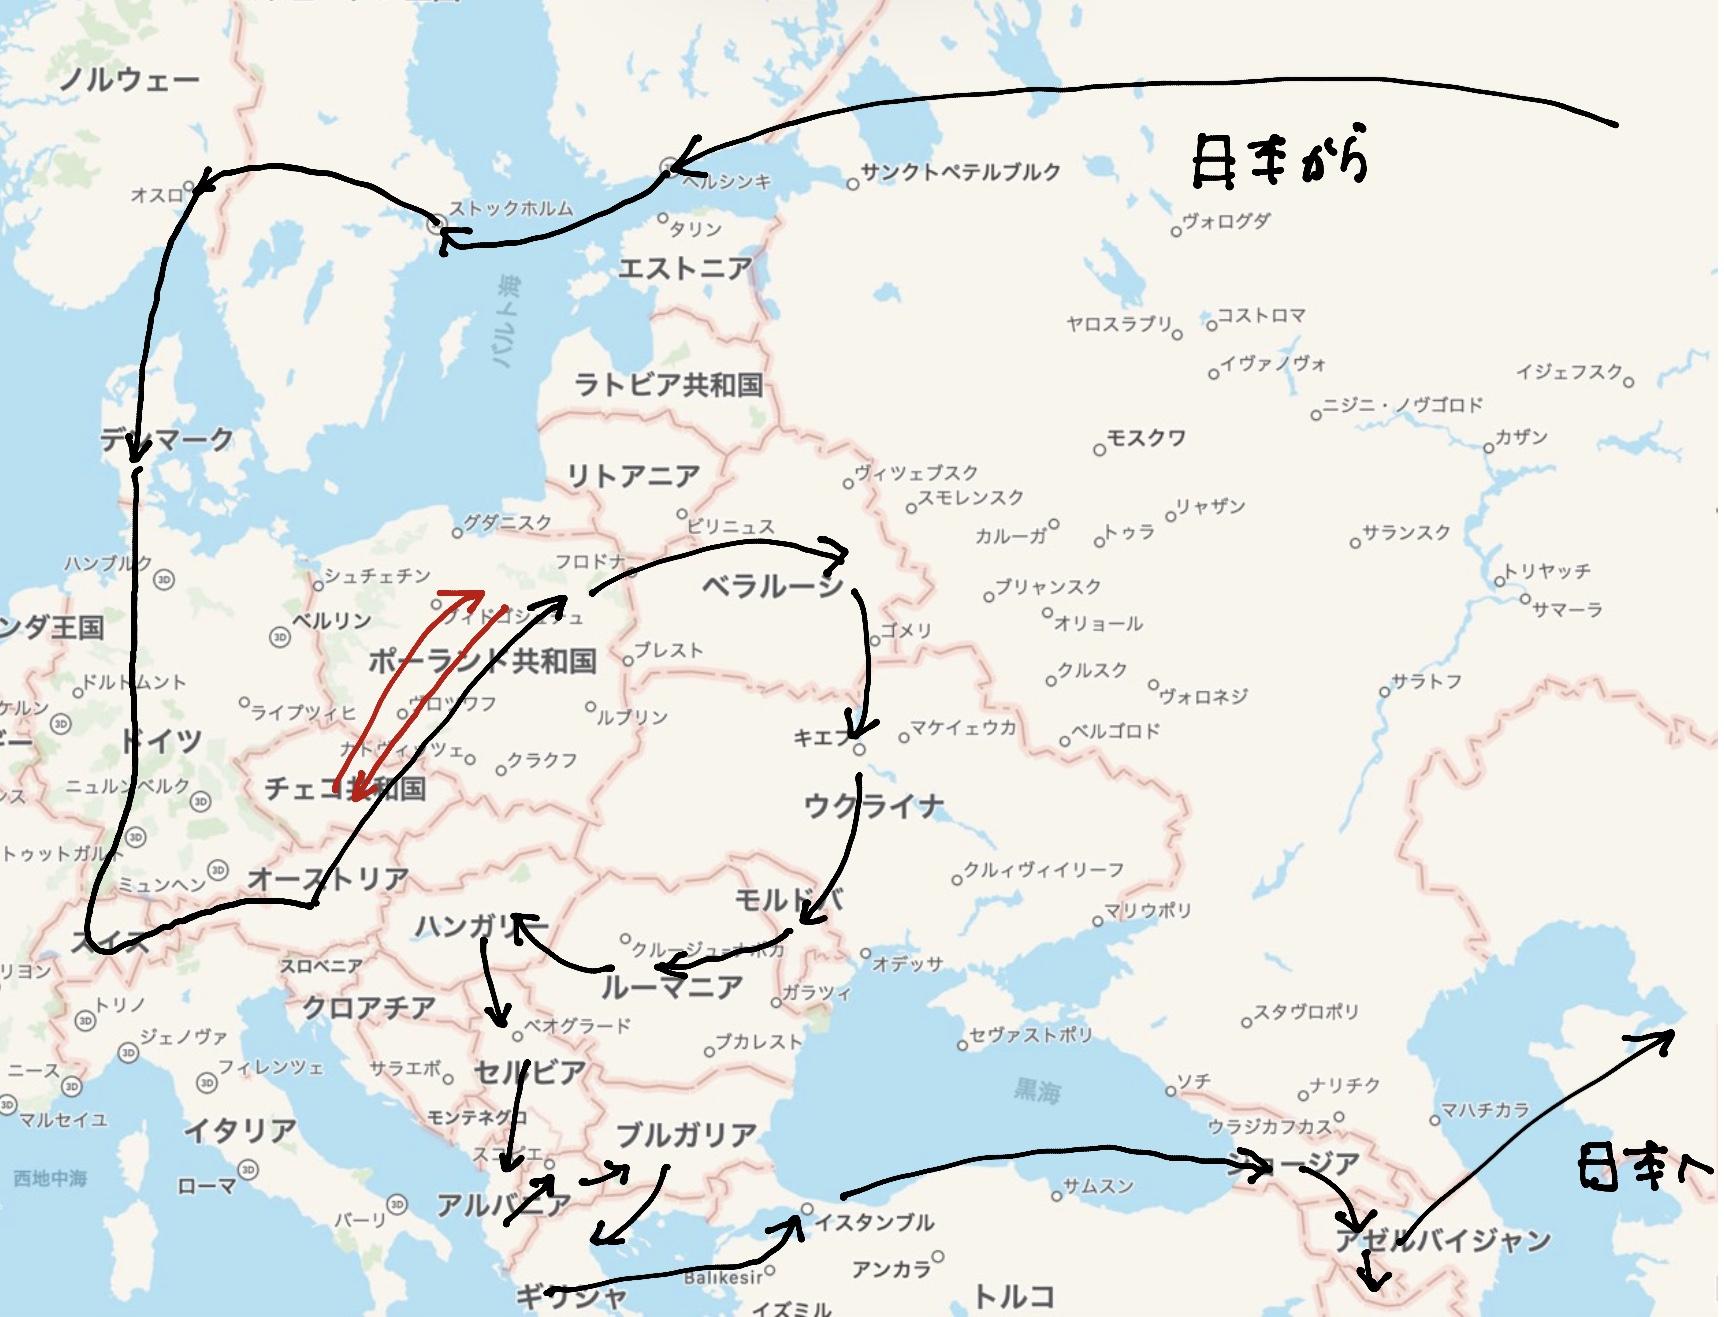 ヨーロッパ周遊旅